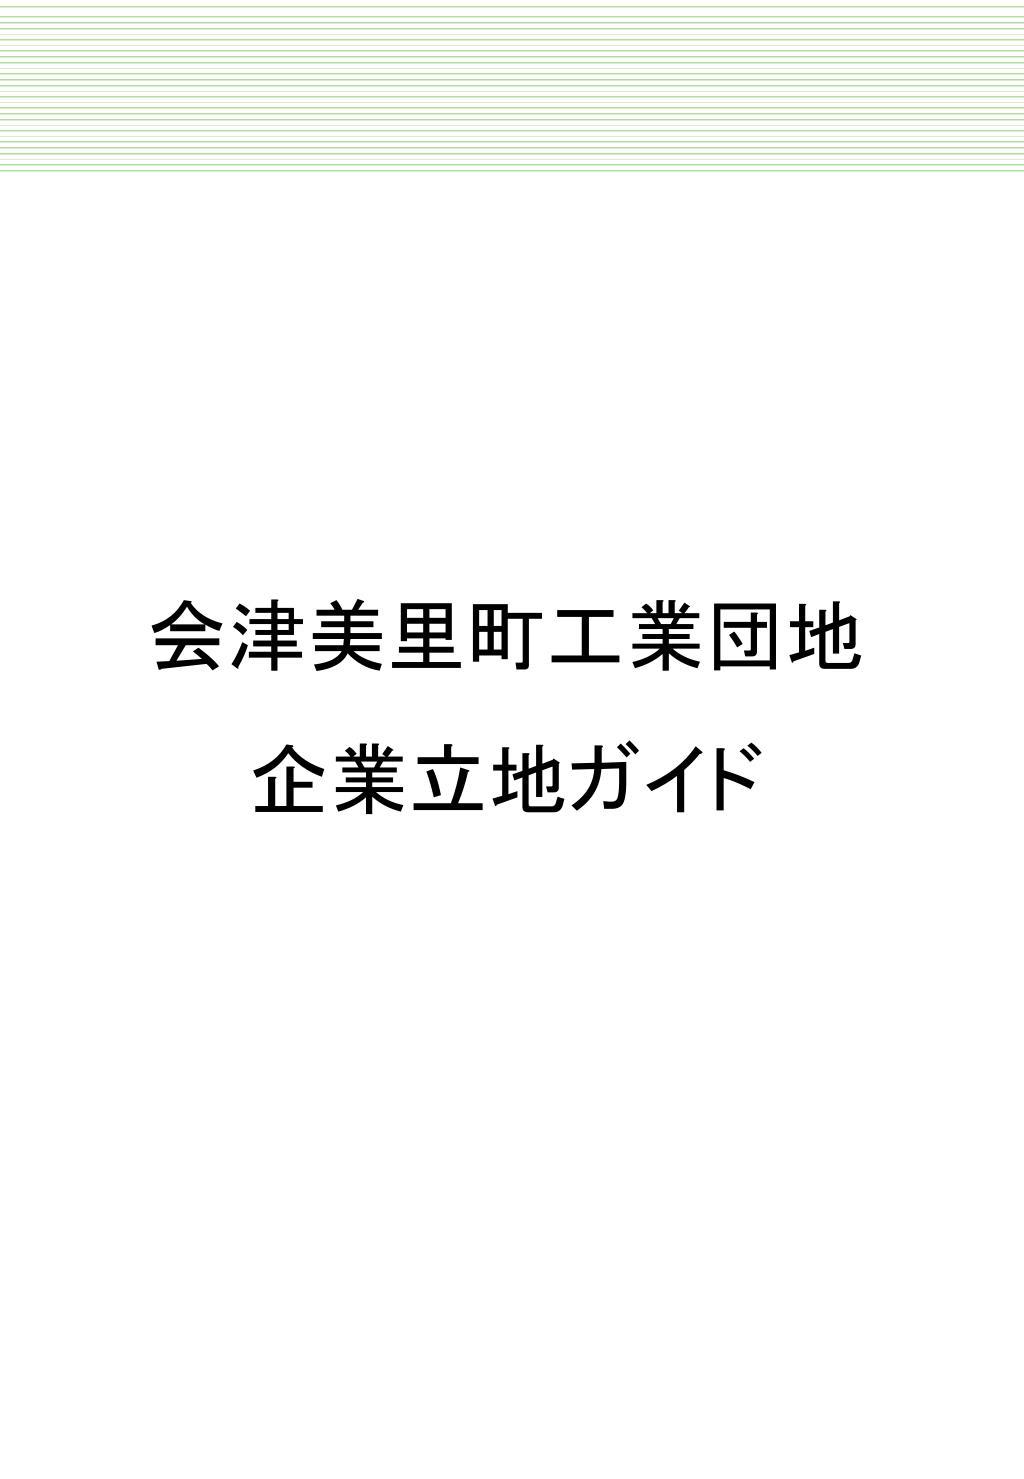 会津美里町工業団地